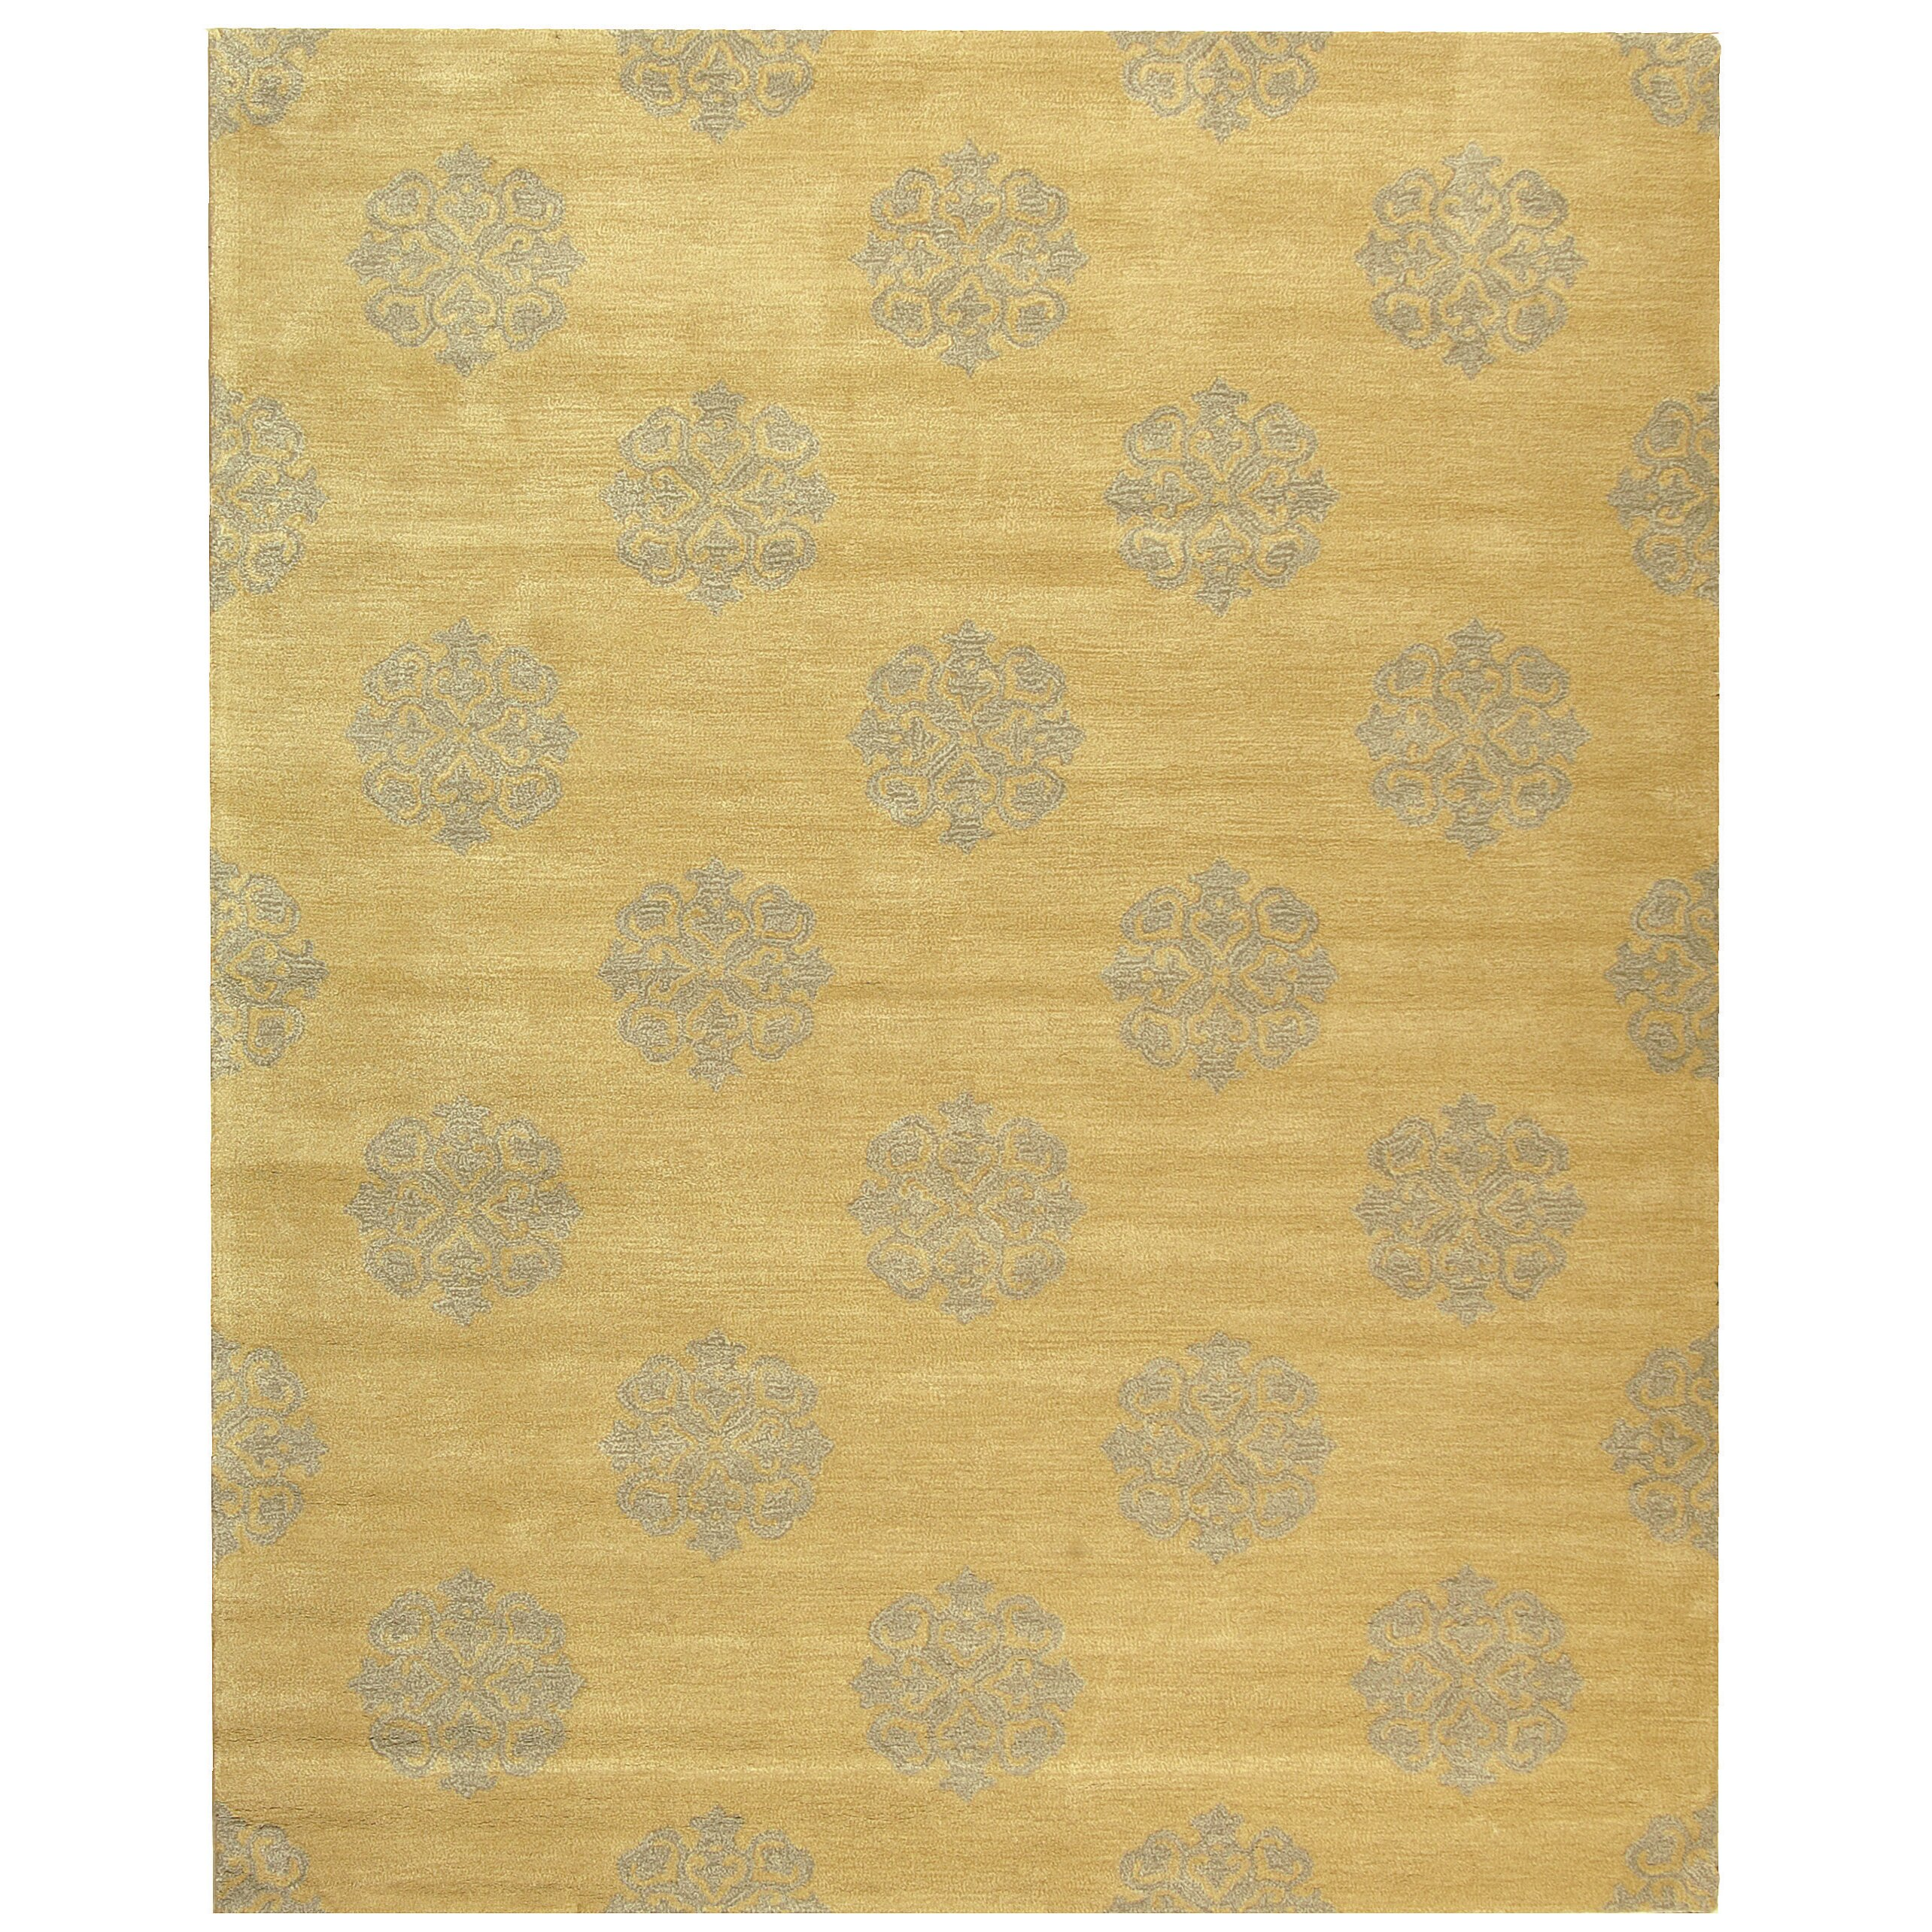 Safavieh Handgetufteter Teppich Marcus in Gelb